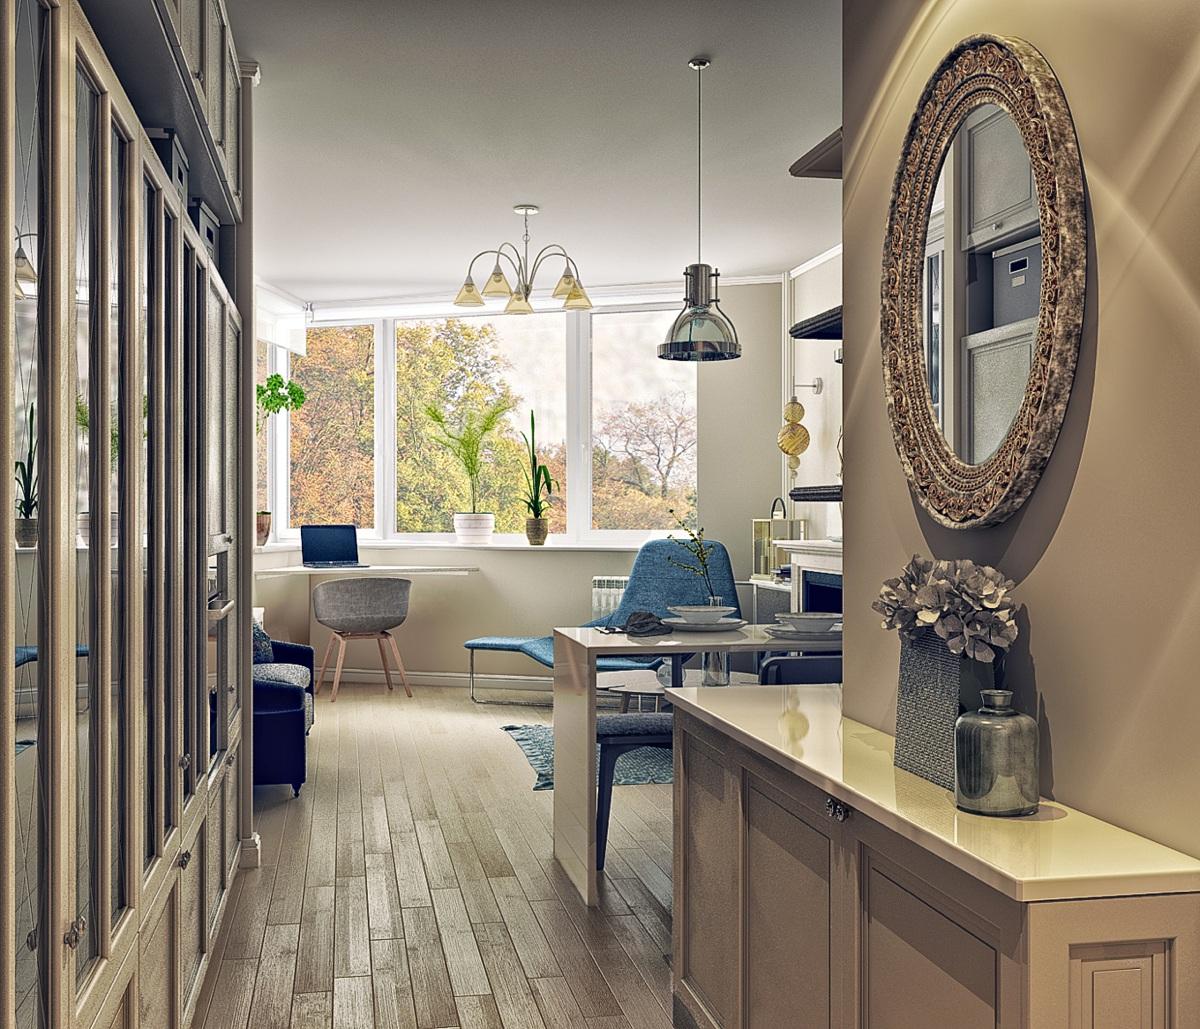 Rustic decor ideas interior design ideas - Small home decor ideas ...